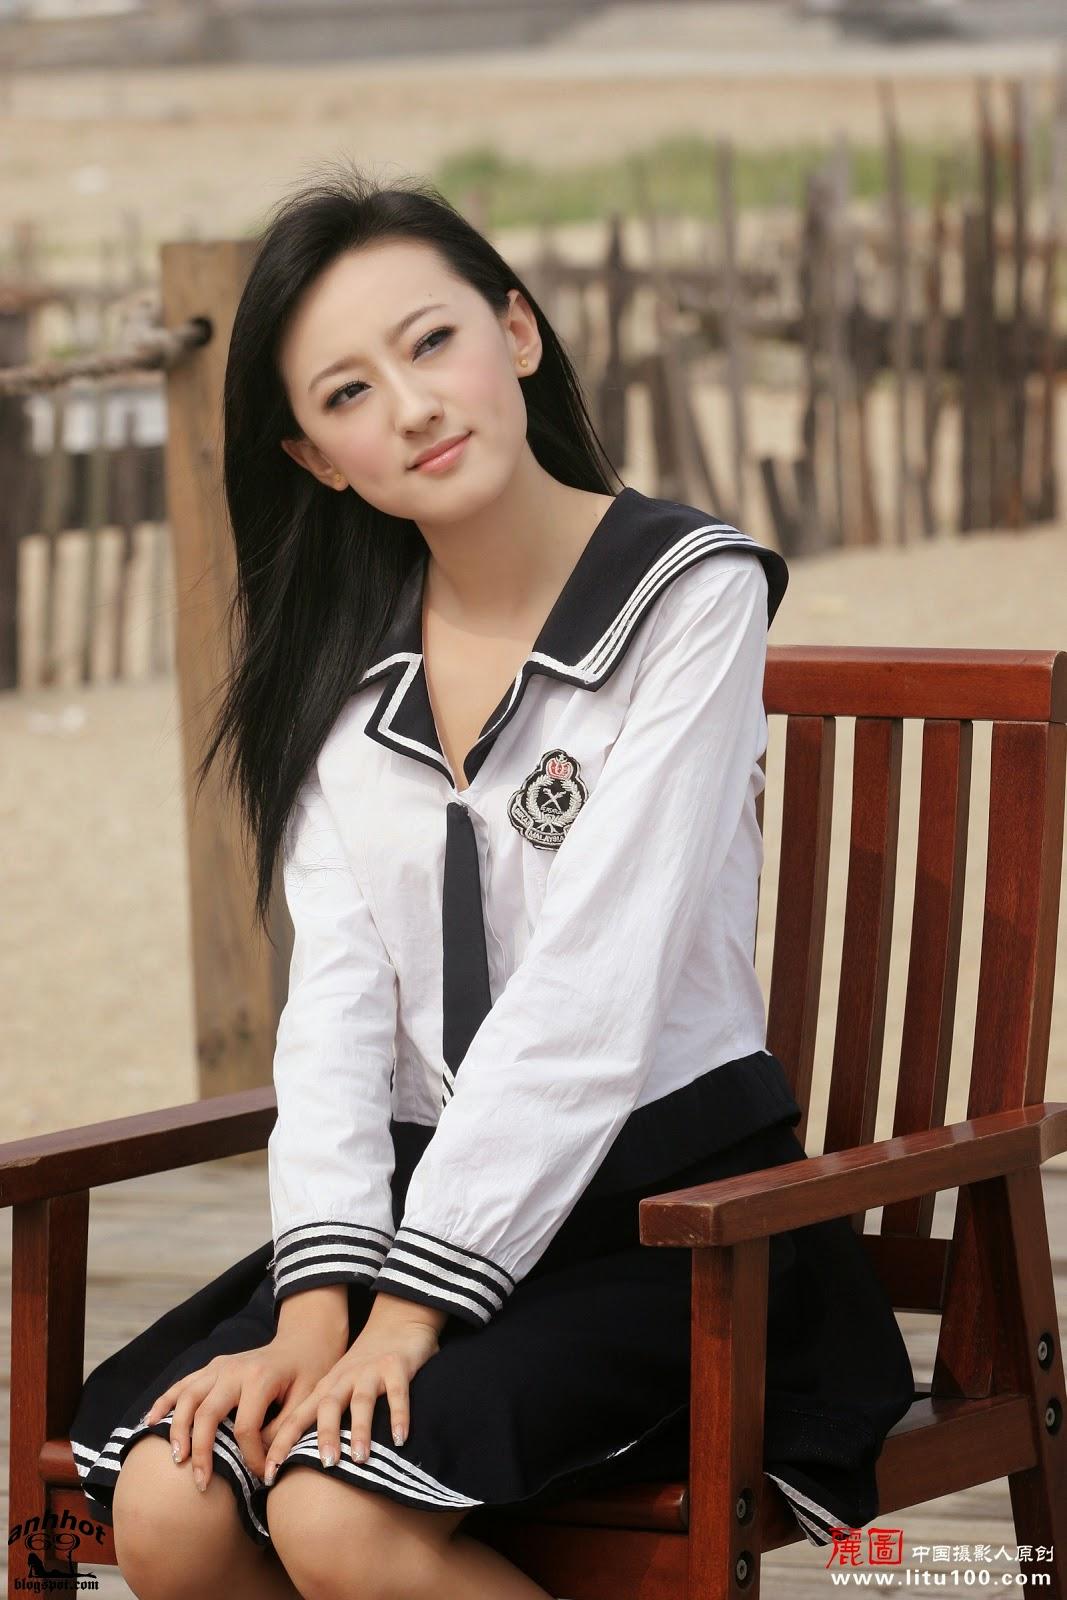 litu-200600819-zhang-tian-yi-sea_IMG_6277